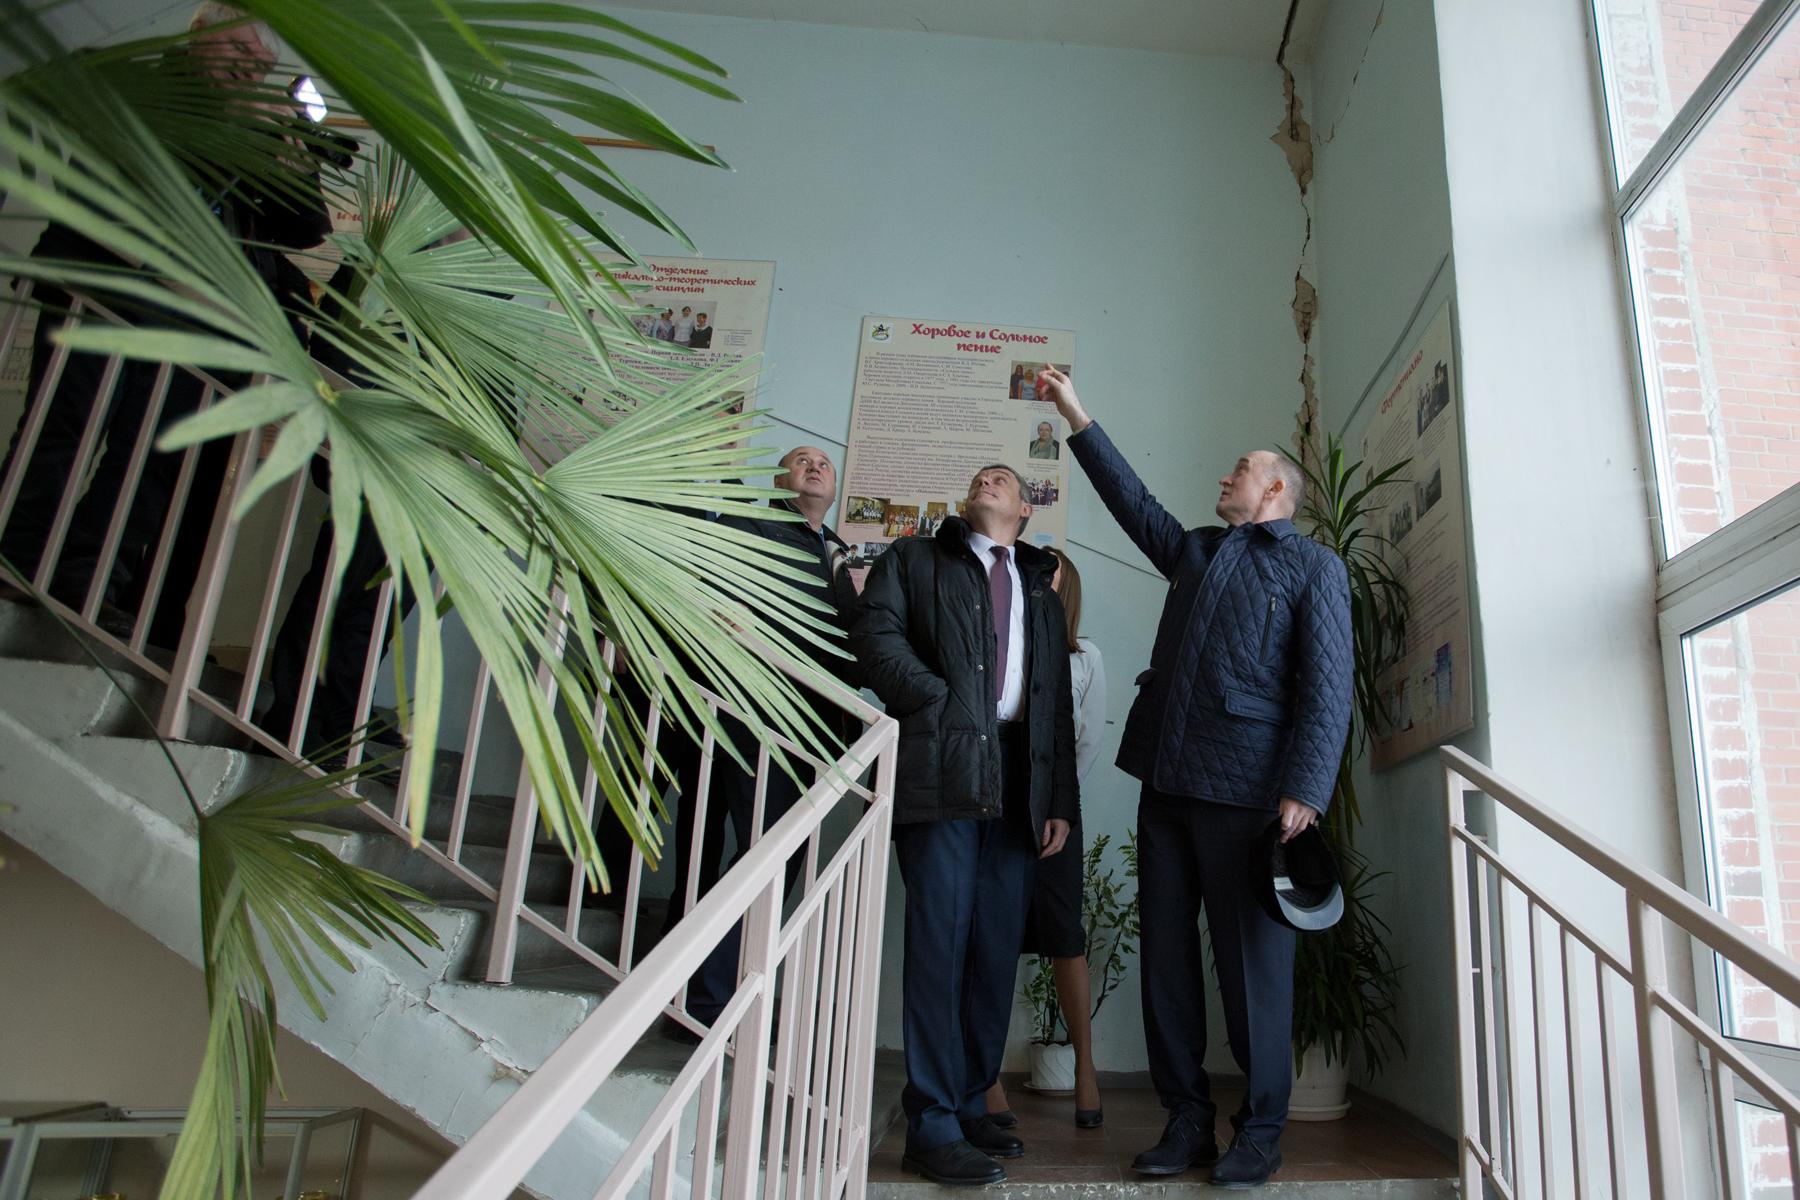 Губернатор Челябинской области Борис Дубровский пообещал выделить необходимые средства на заверше